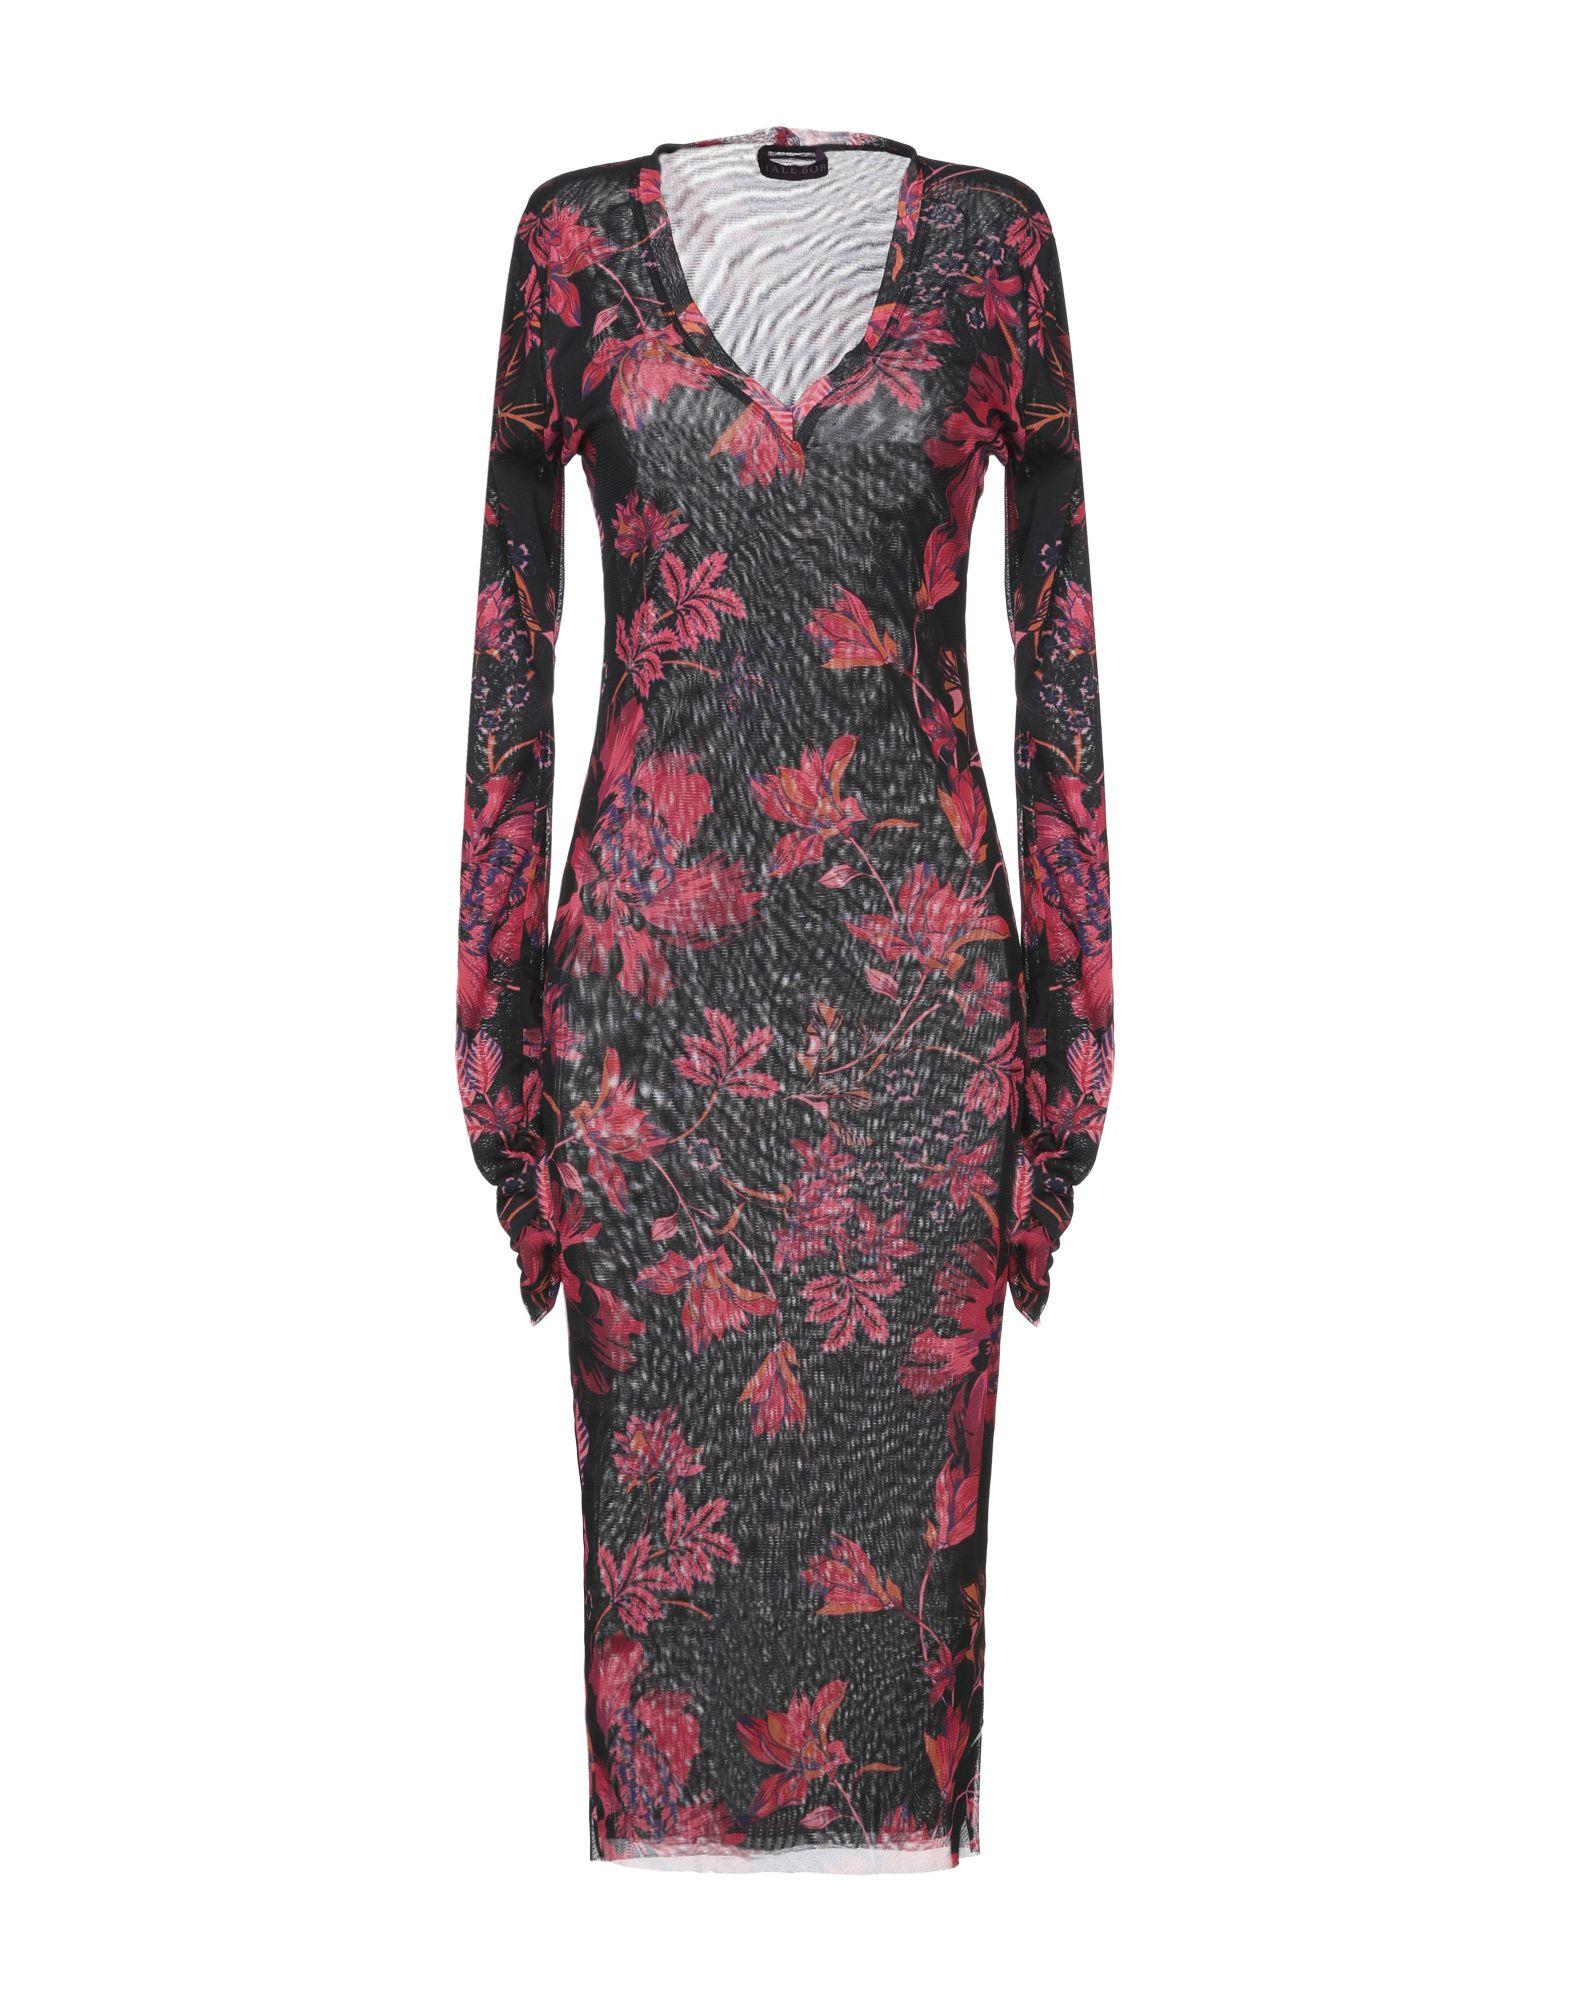 HALE BOB Платье длиной 3/4 платье hale bob черный 44 46 размер